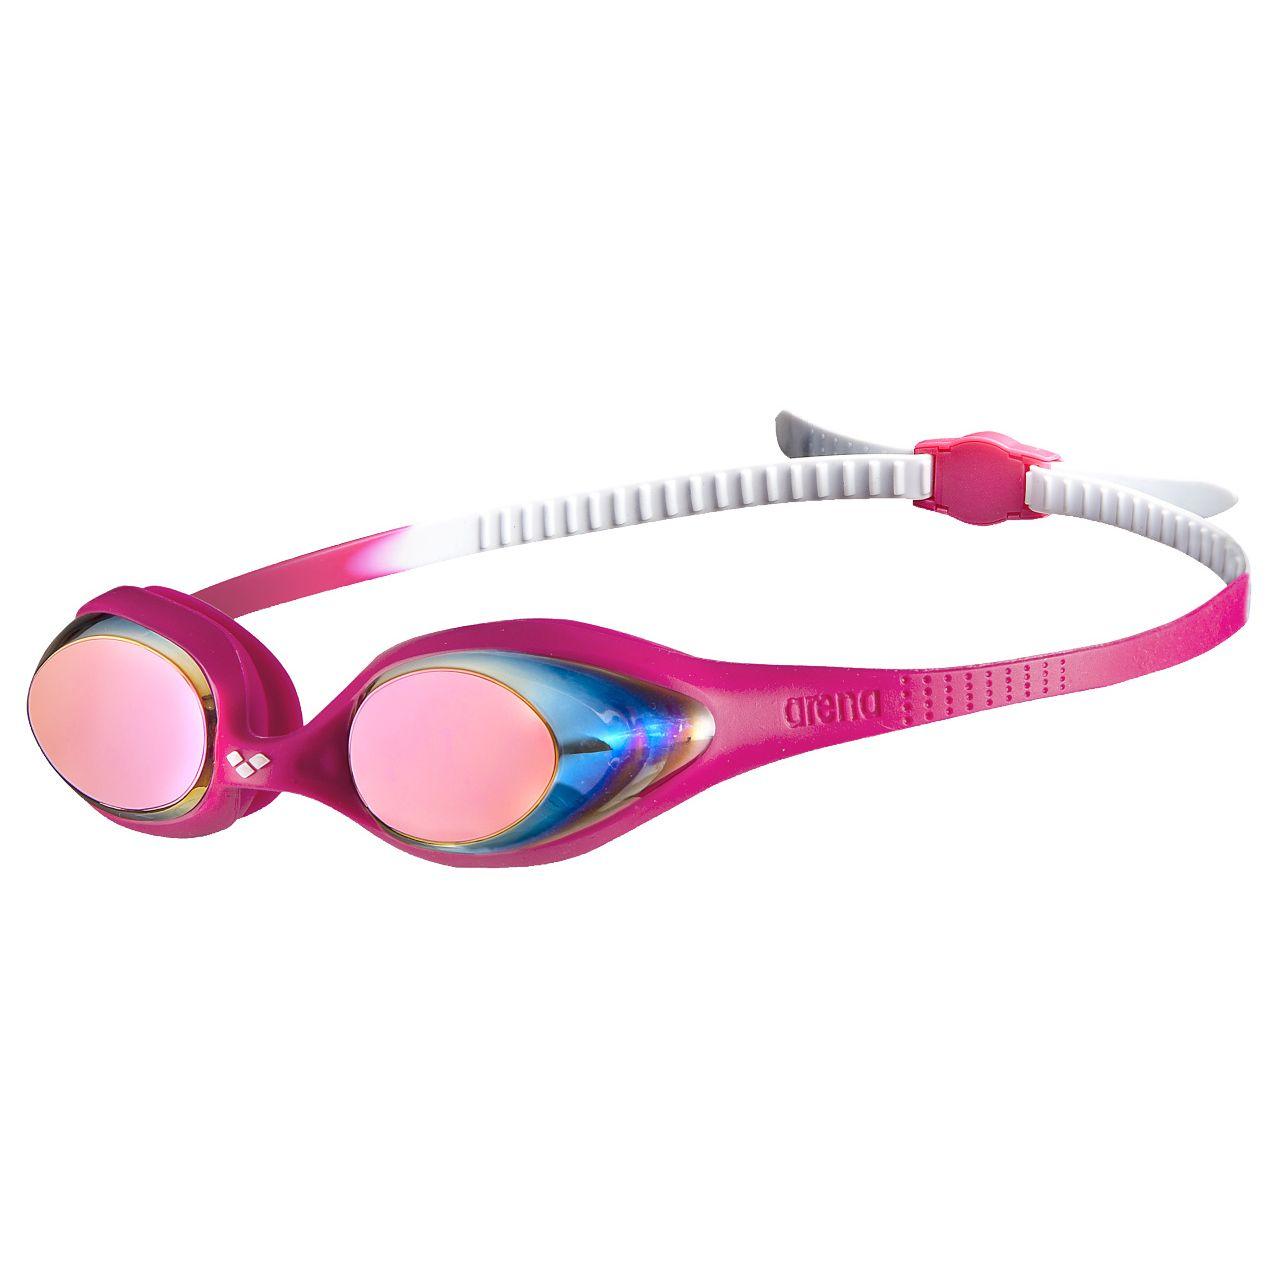 Goggles de Natación arena para Niños Spider Junior Mirror_75983